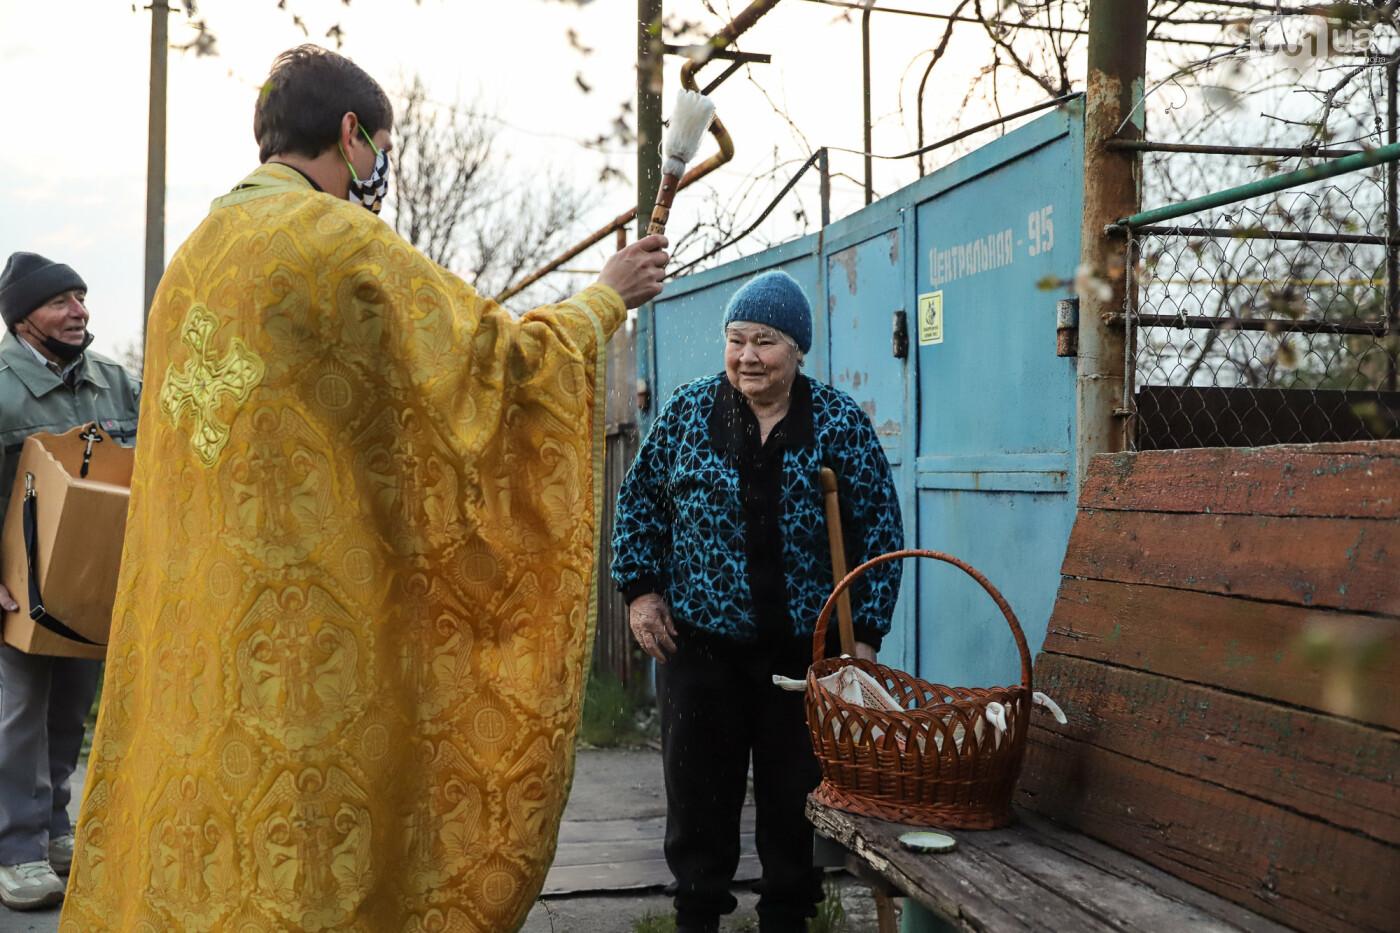 Освящение пасок у дворов на сельских улицах и полицейские возле храмов вместо прихожан: как празднуют Пасху в Запорожье, - ФОТОРЕПОРТАЖ, фото-19